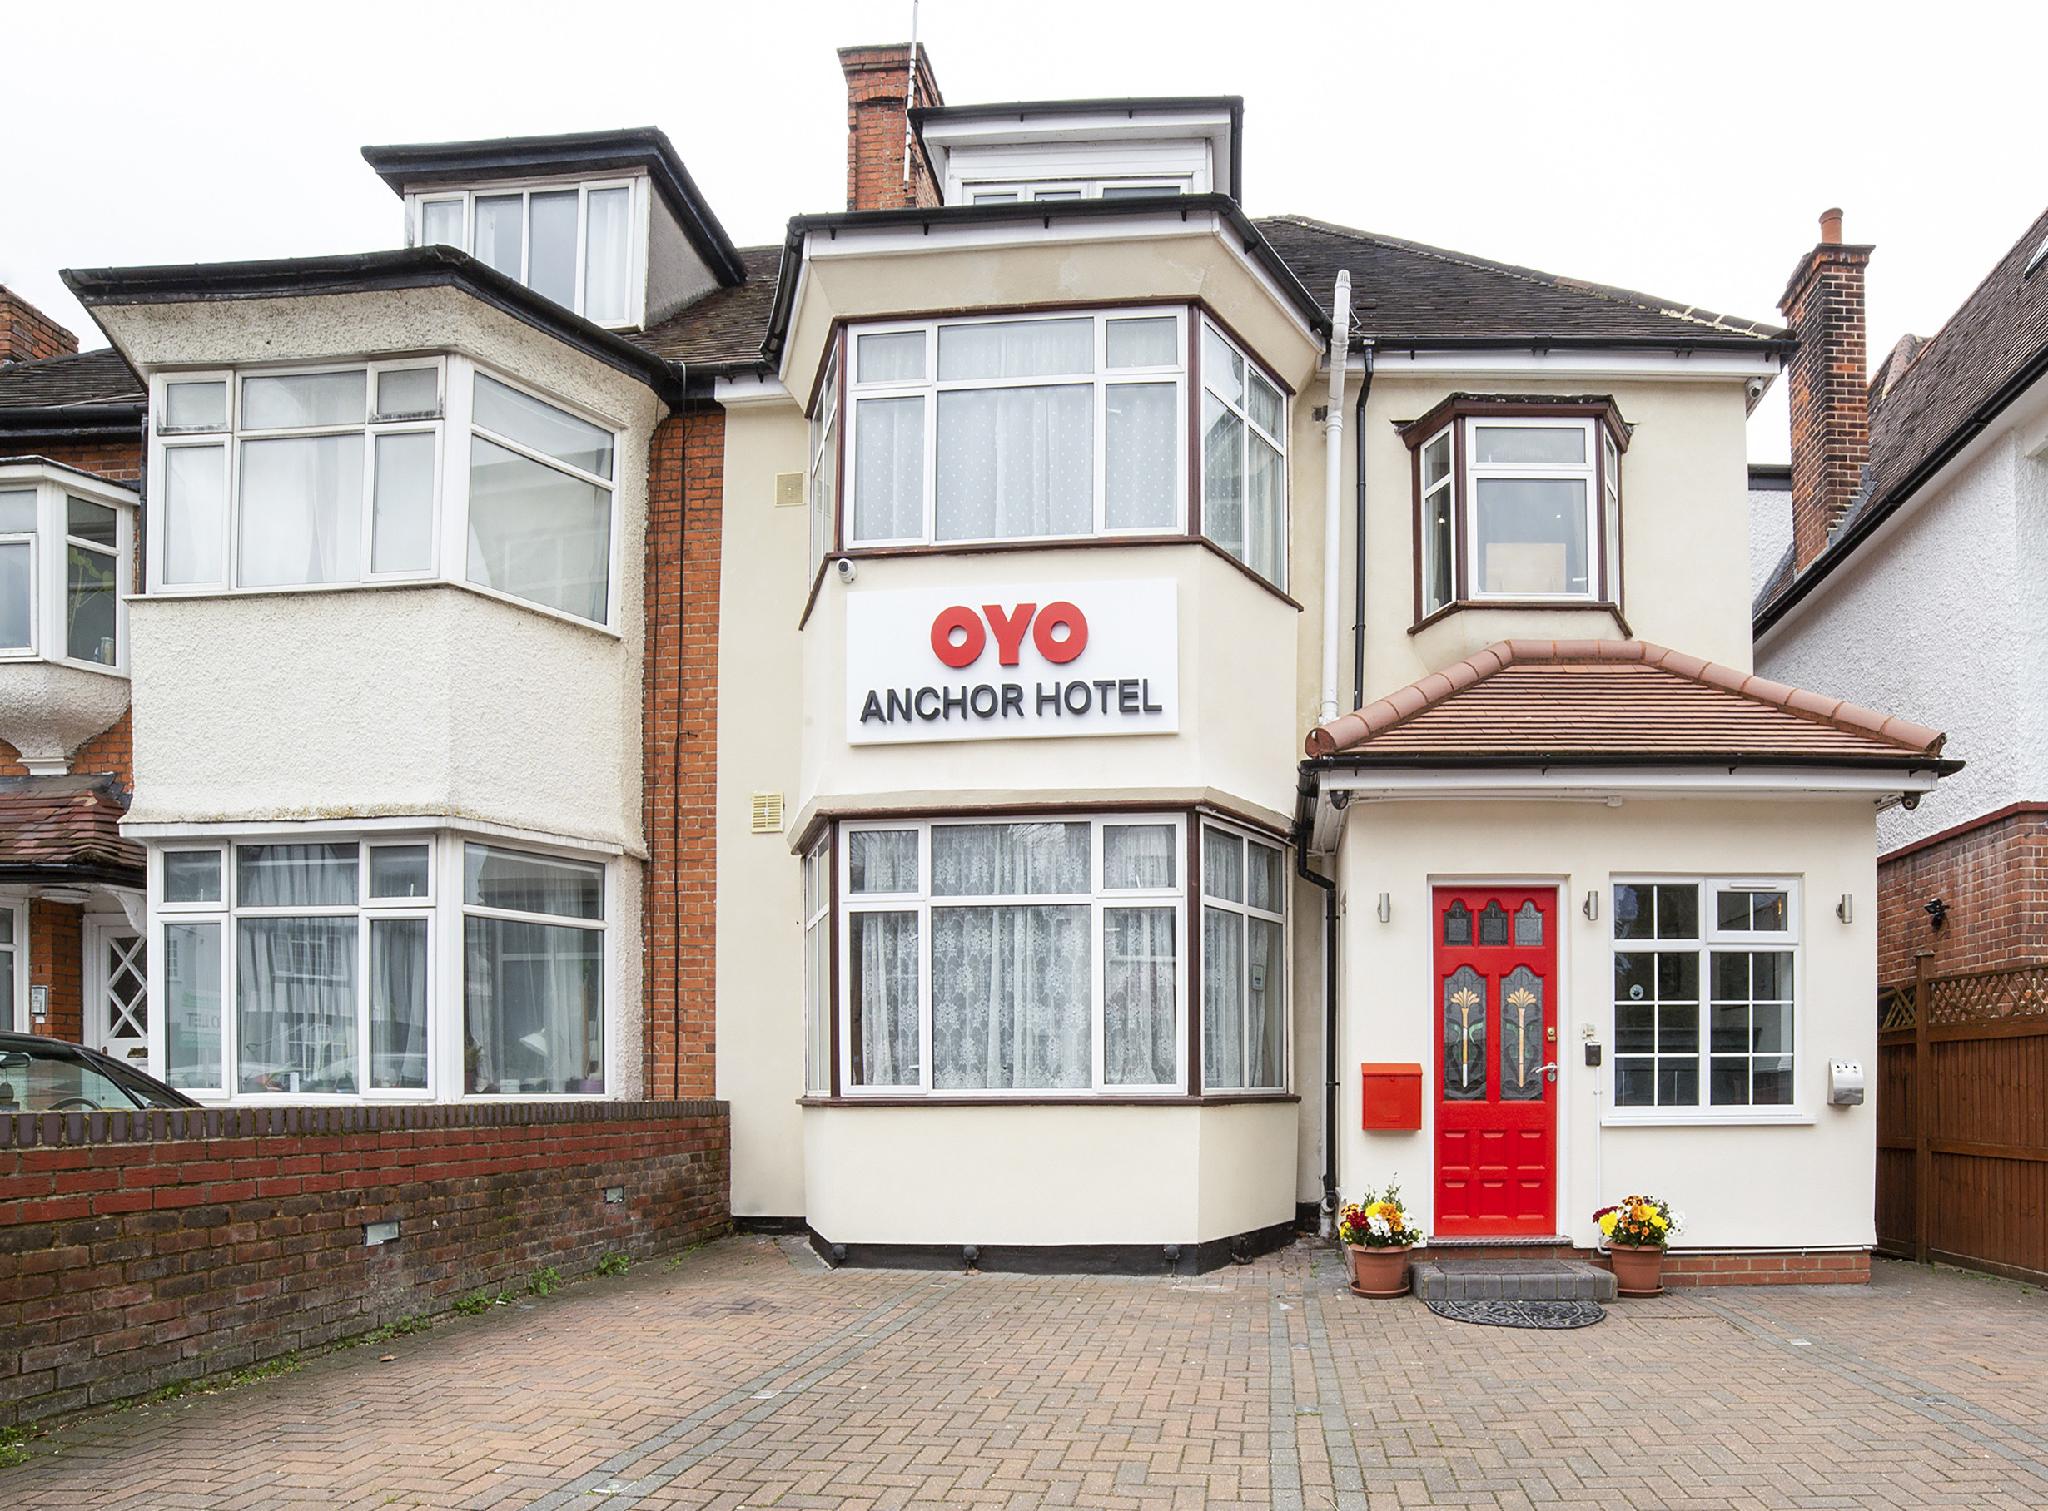 OYO Flagship Anchor Hotel